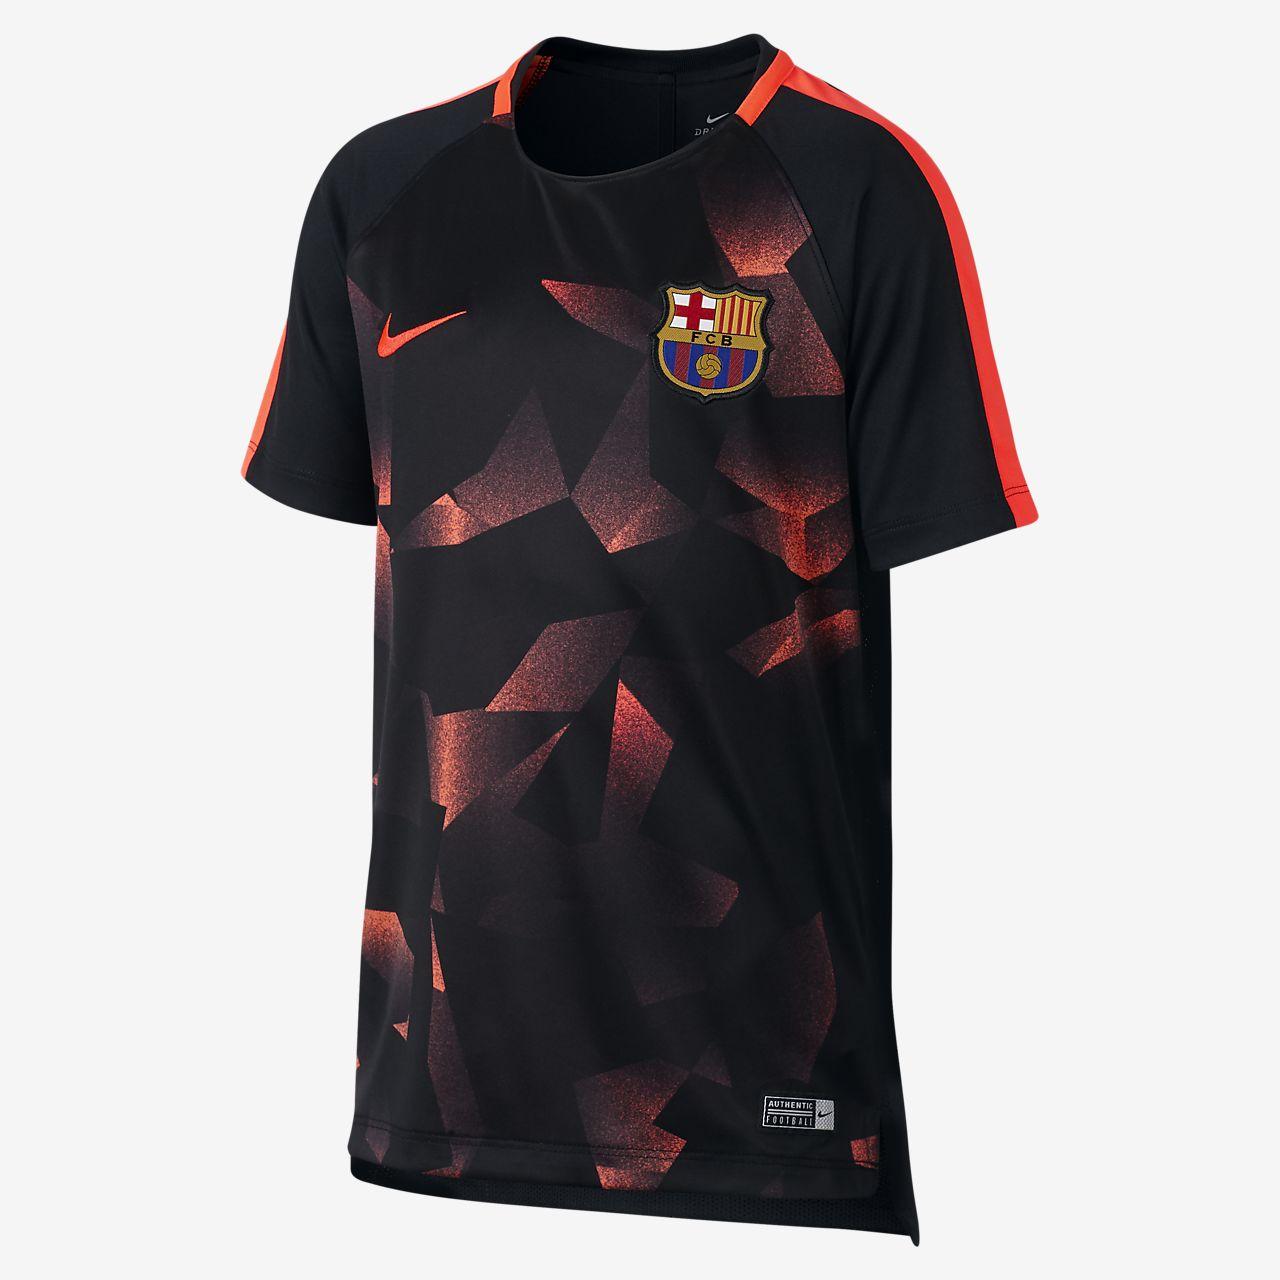 เสื้อฟุตบอลแขนสั้นเด็กโต FC Barcelona Dri-FIT Squad